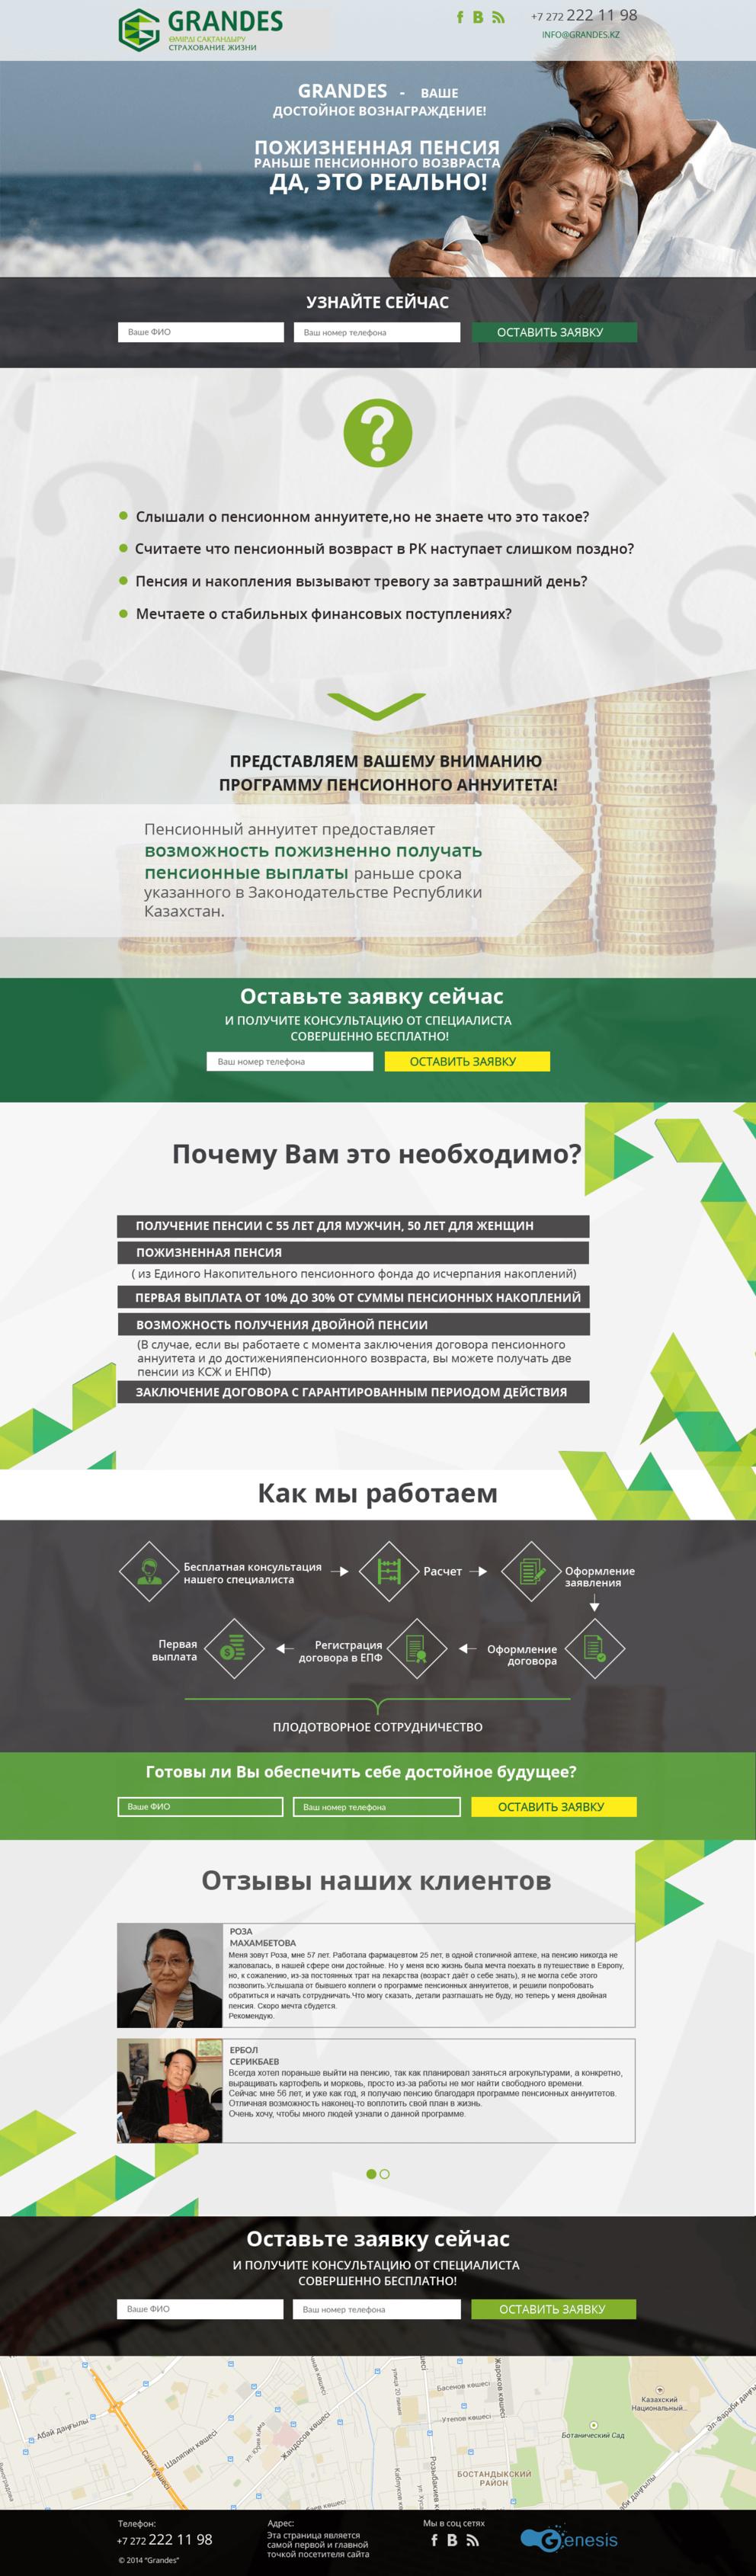 Grandes страхование жизни и пенсионные аннуитеты / Проект компании Genesis Company